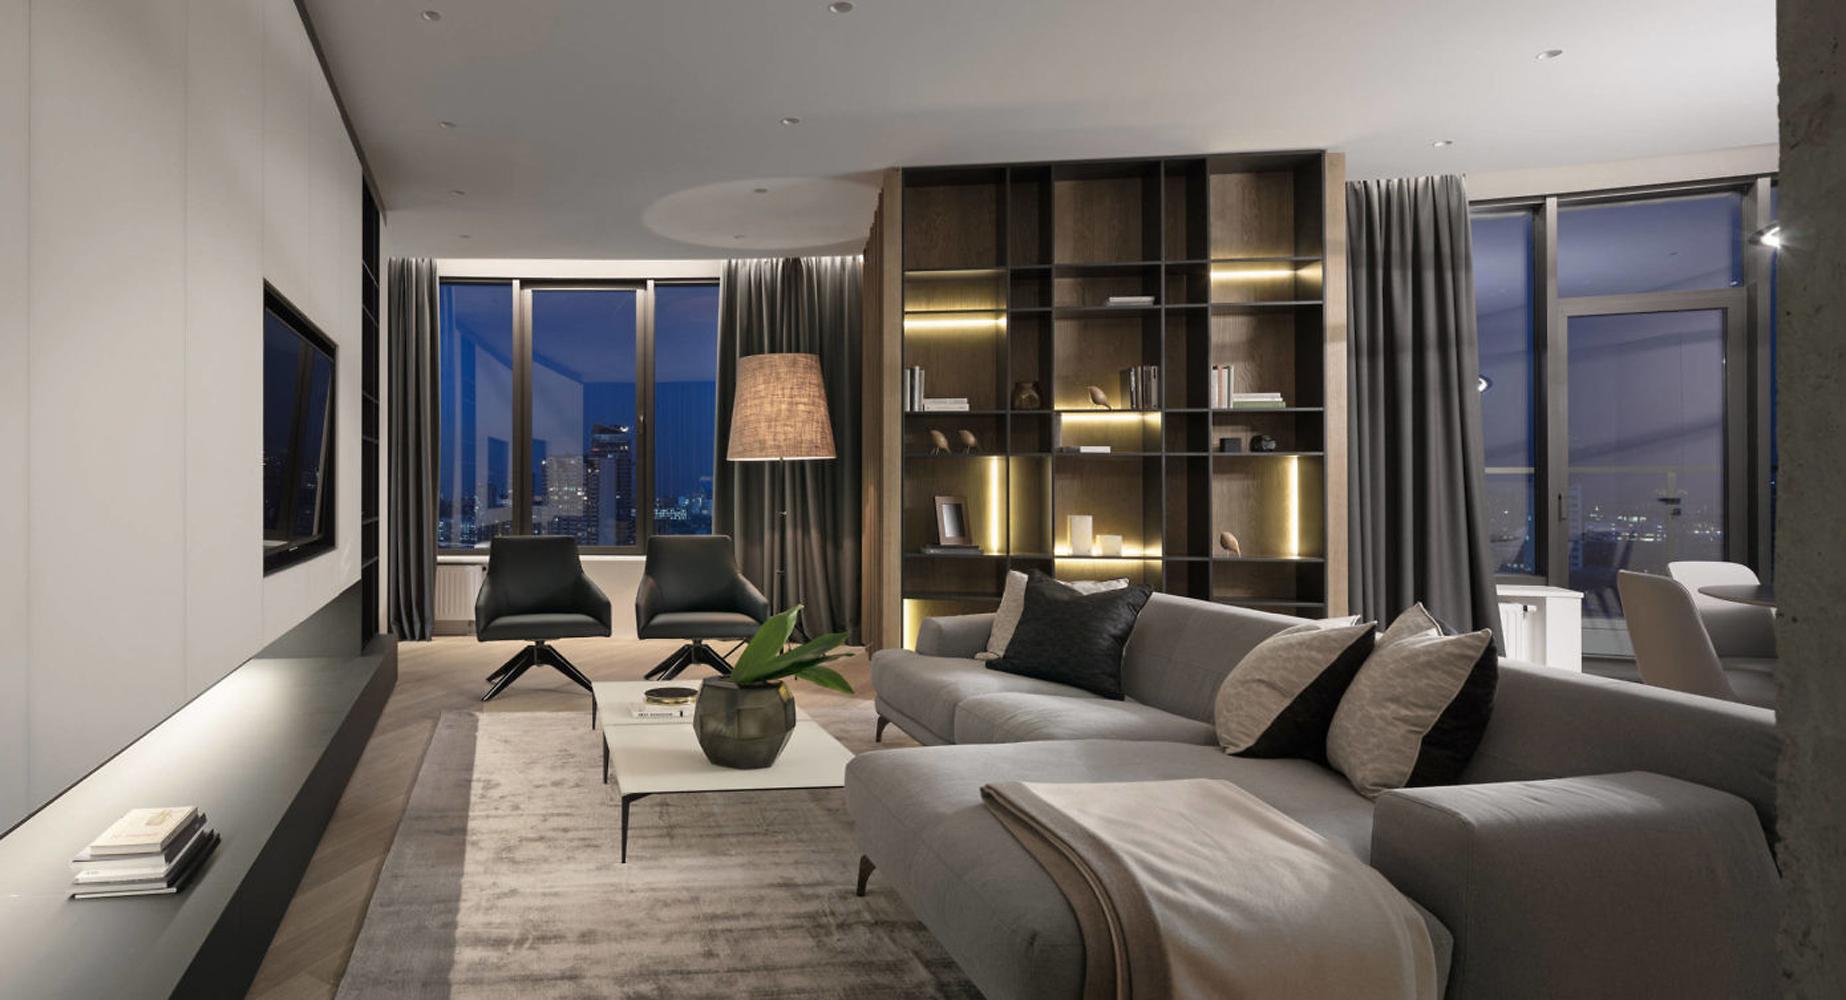 150㎡简约现代公寓客厅装修效果图